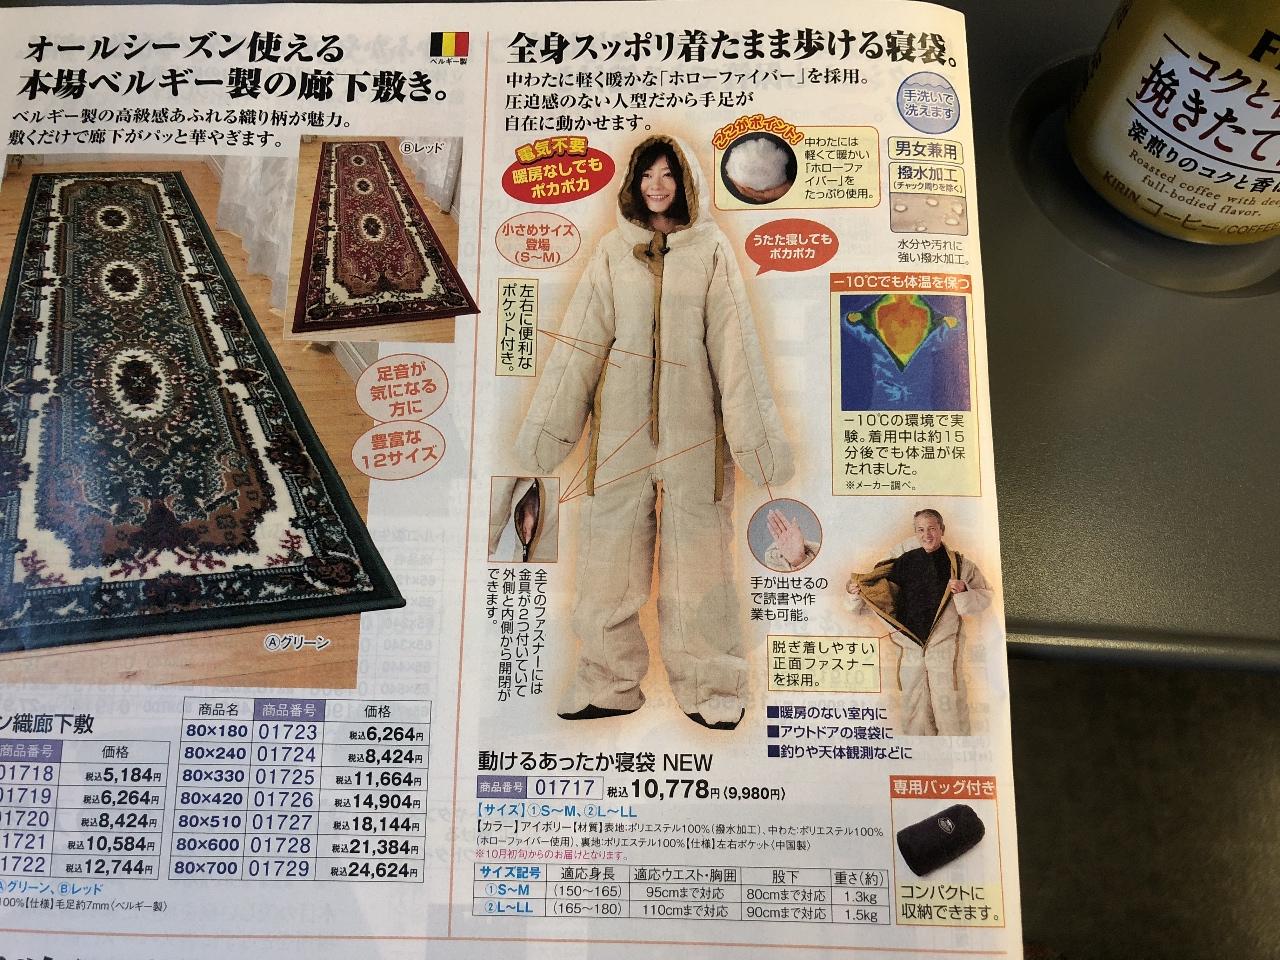 上越新幹線 JR東日本の通販カタログがアイデア商品満載で楽しかった件